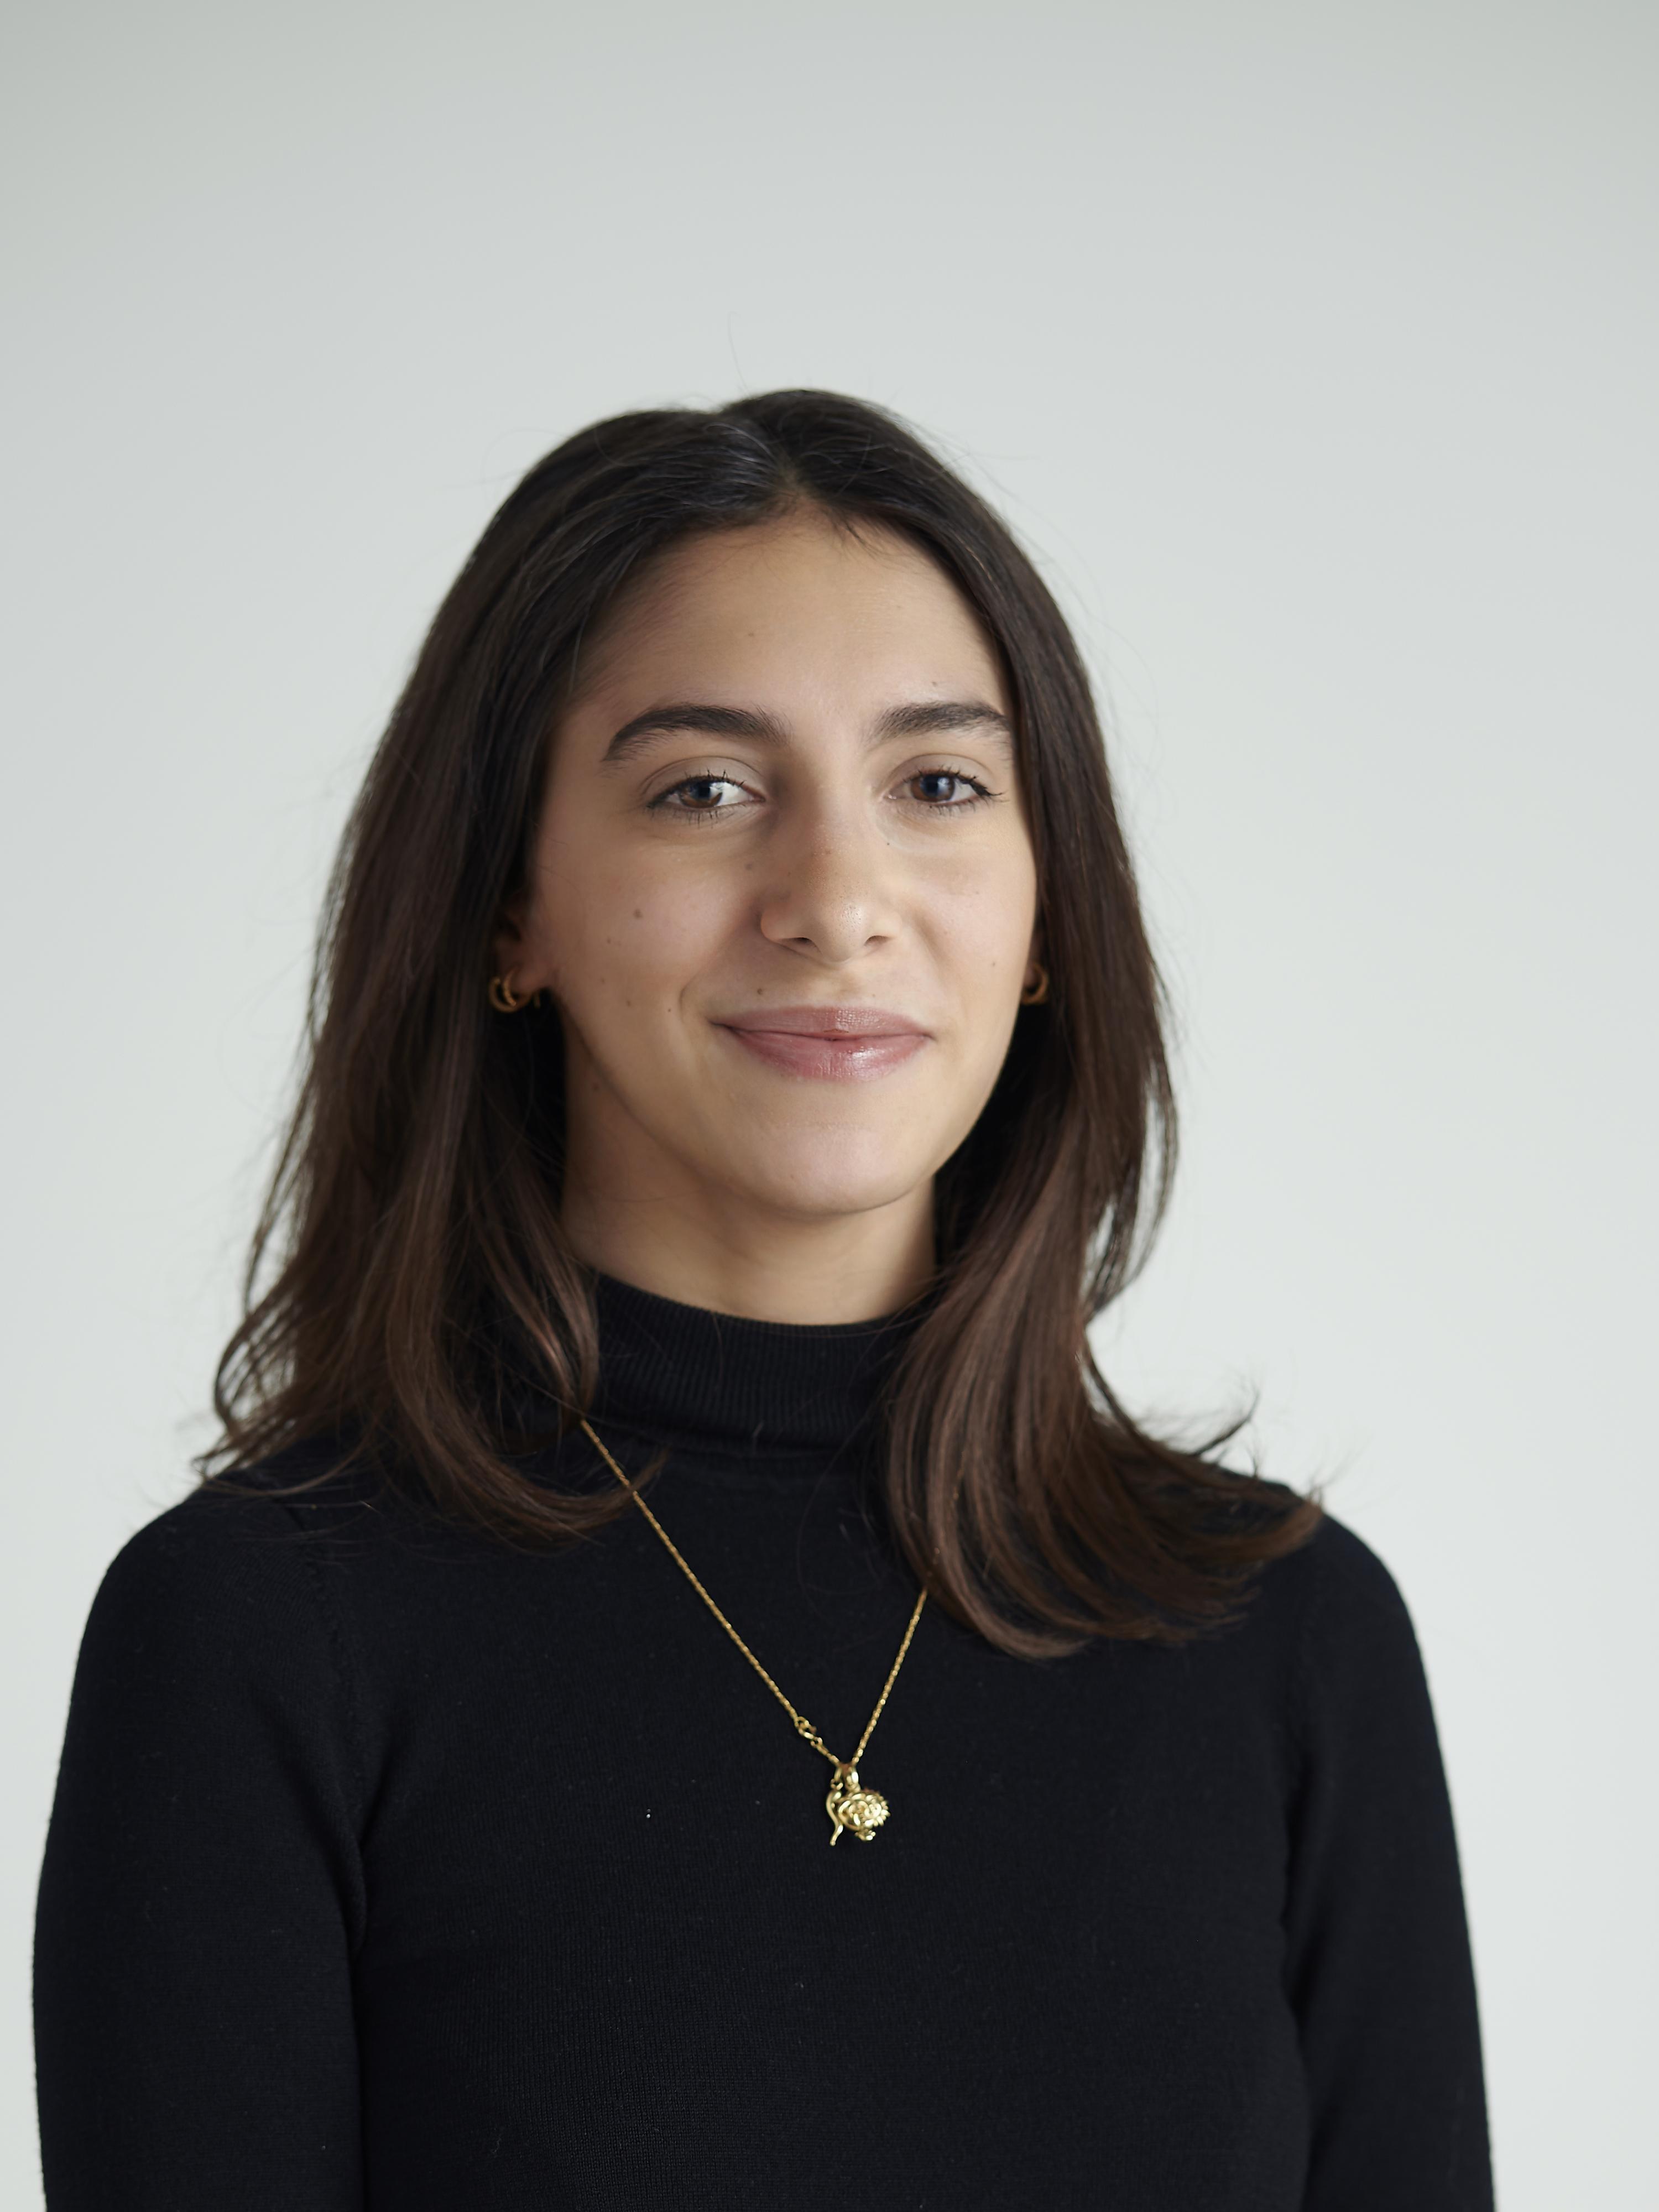 Marianna Berlingieri